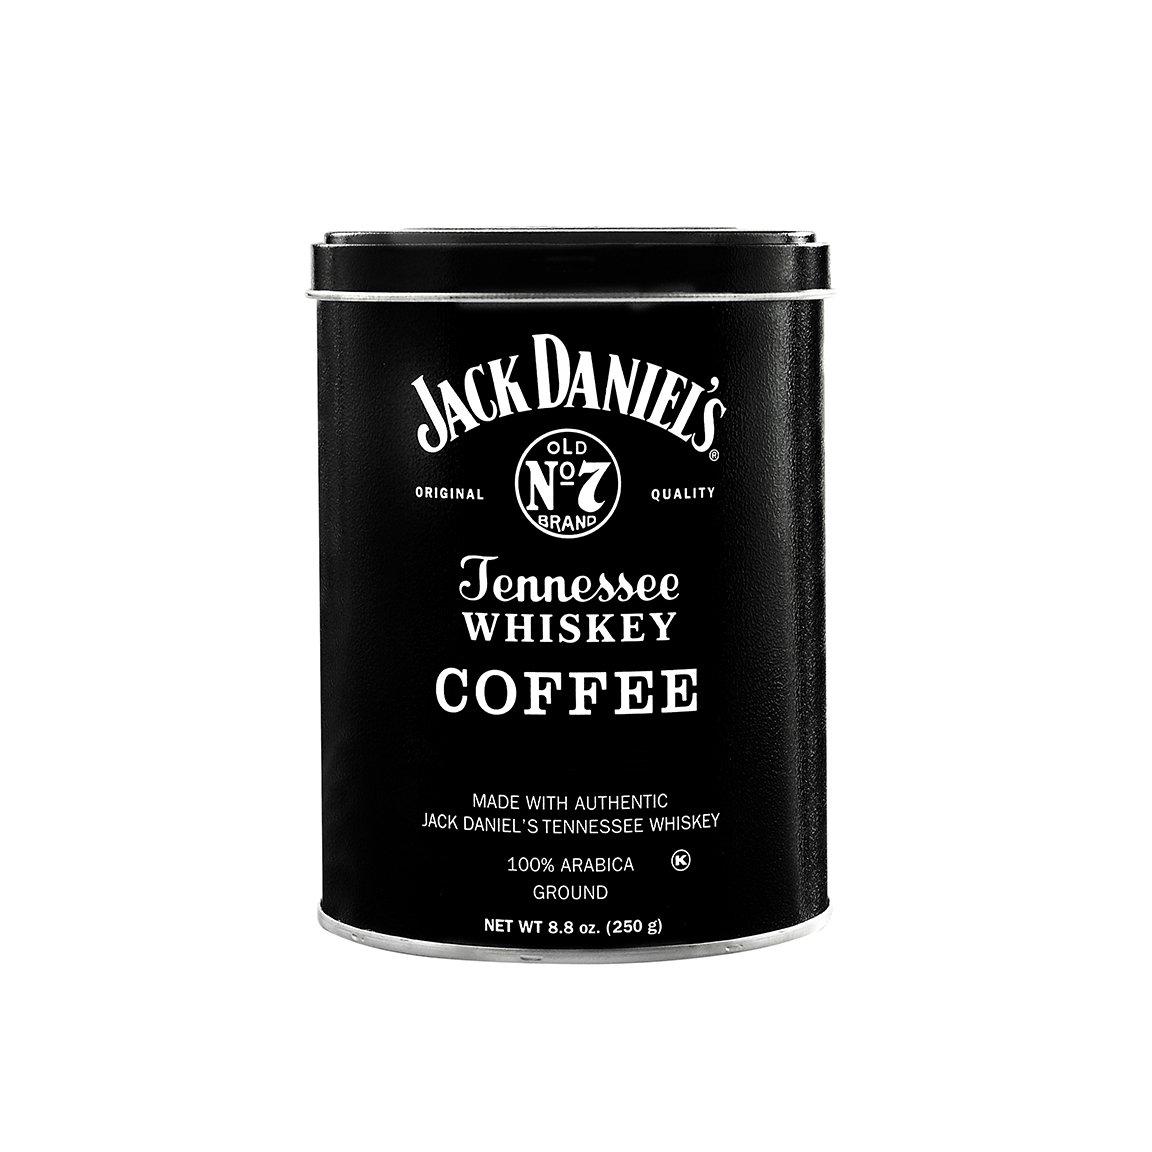 Jack Daniel's Tennessee Whiskey Ground Coffee (8.8oz) Jack Daniel' s